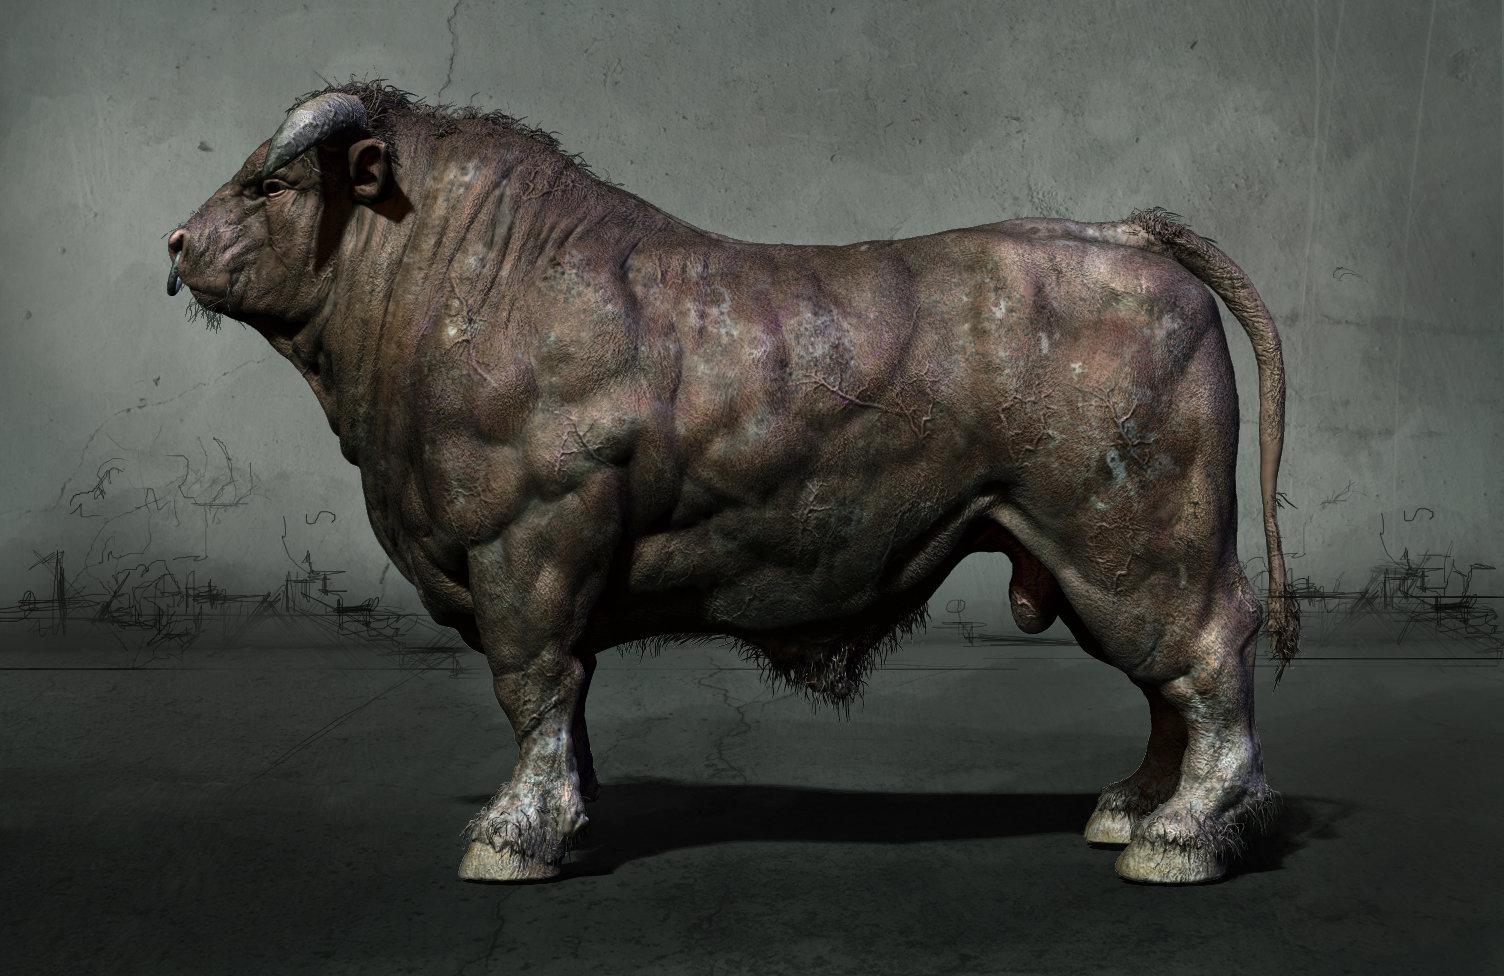 ArtStation - Anatomy study - Bull, Daniel Midholt